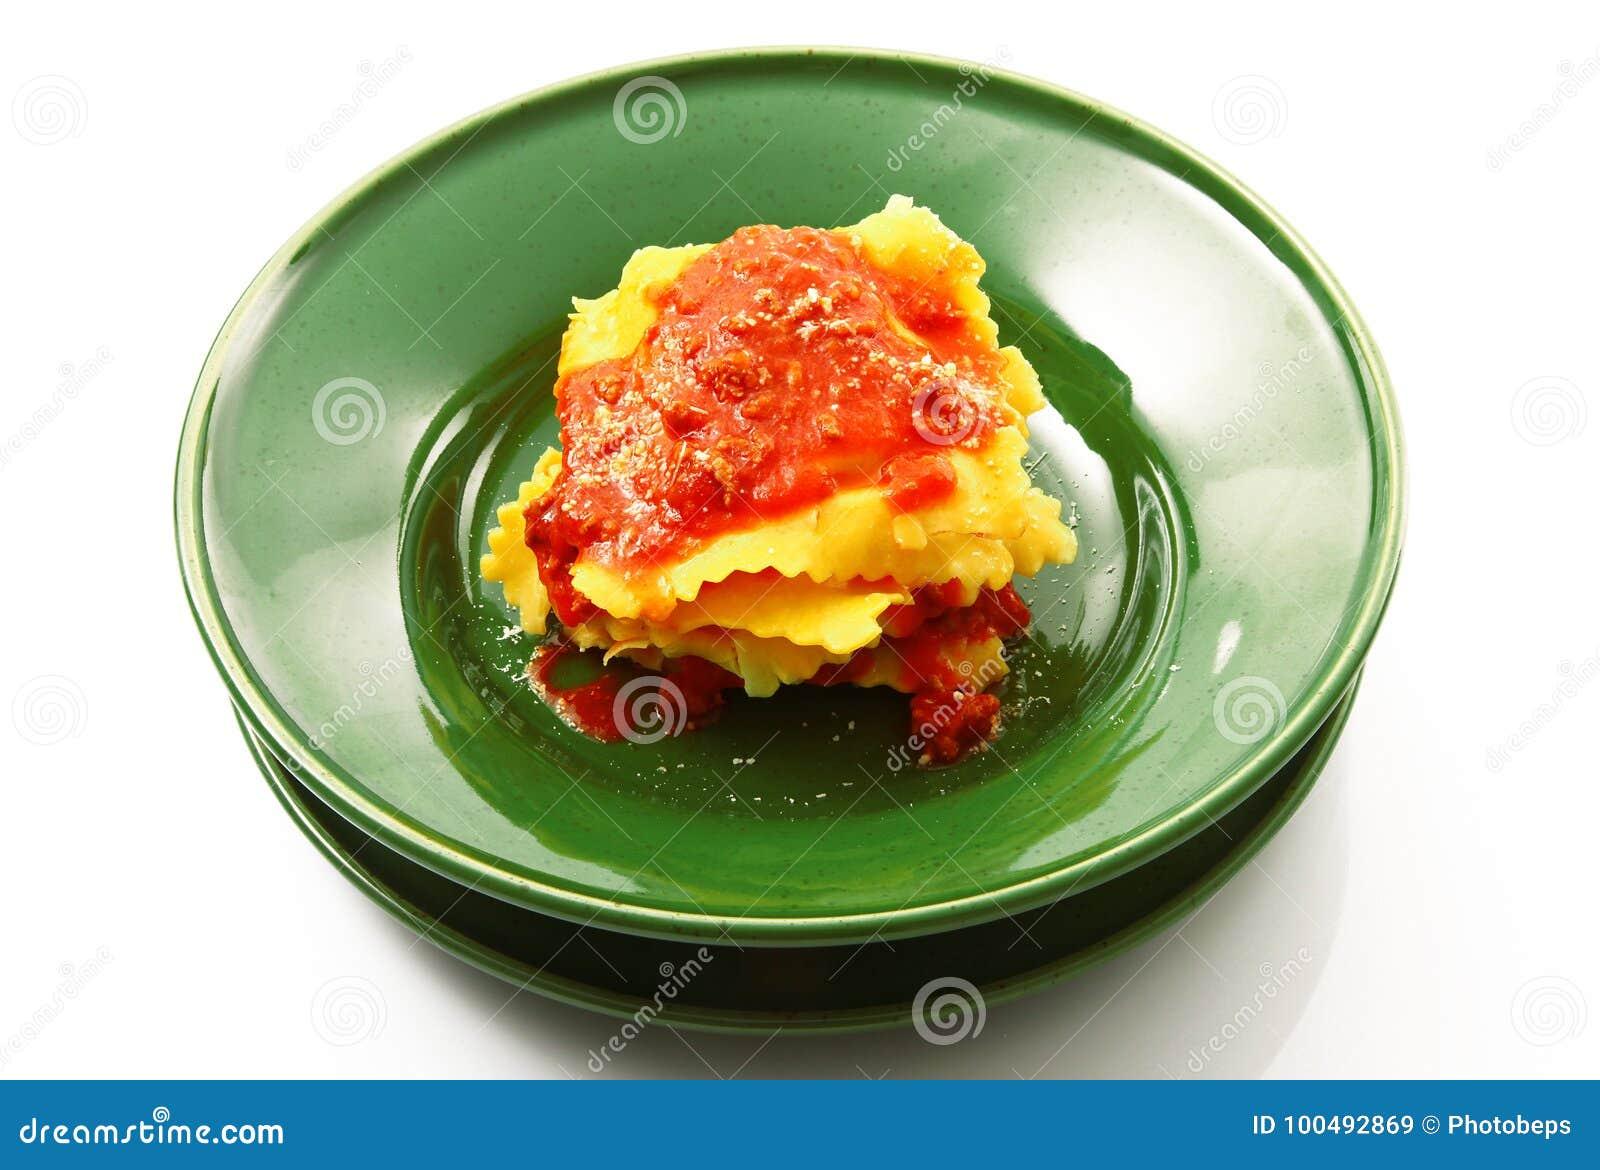 Italiaanse tortelloni met vleessaus